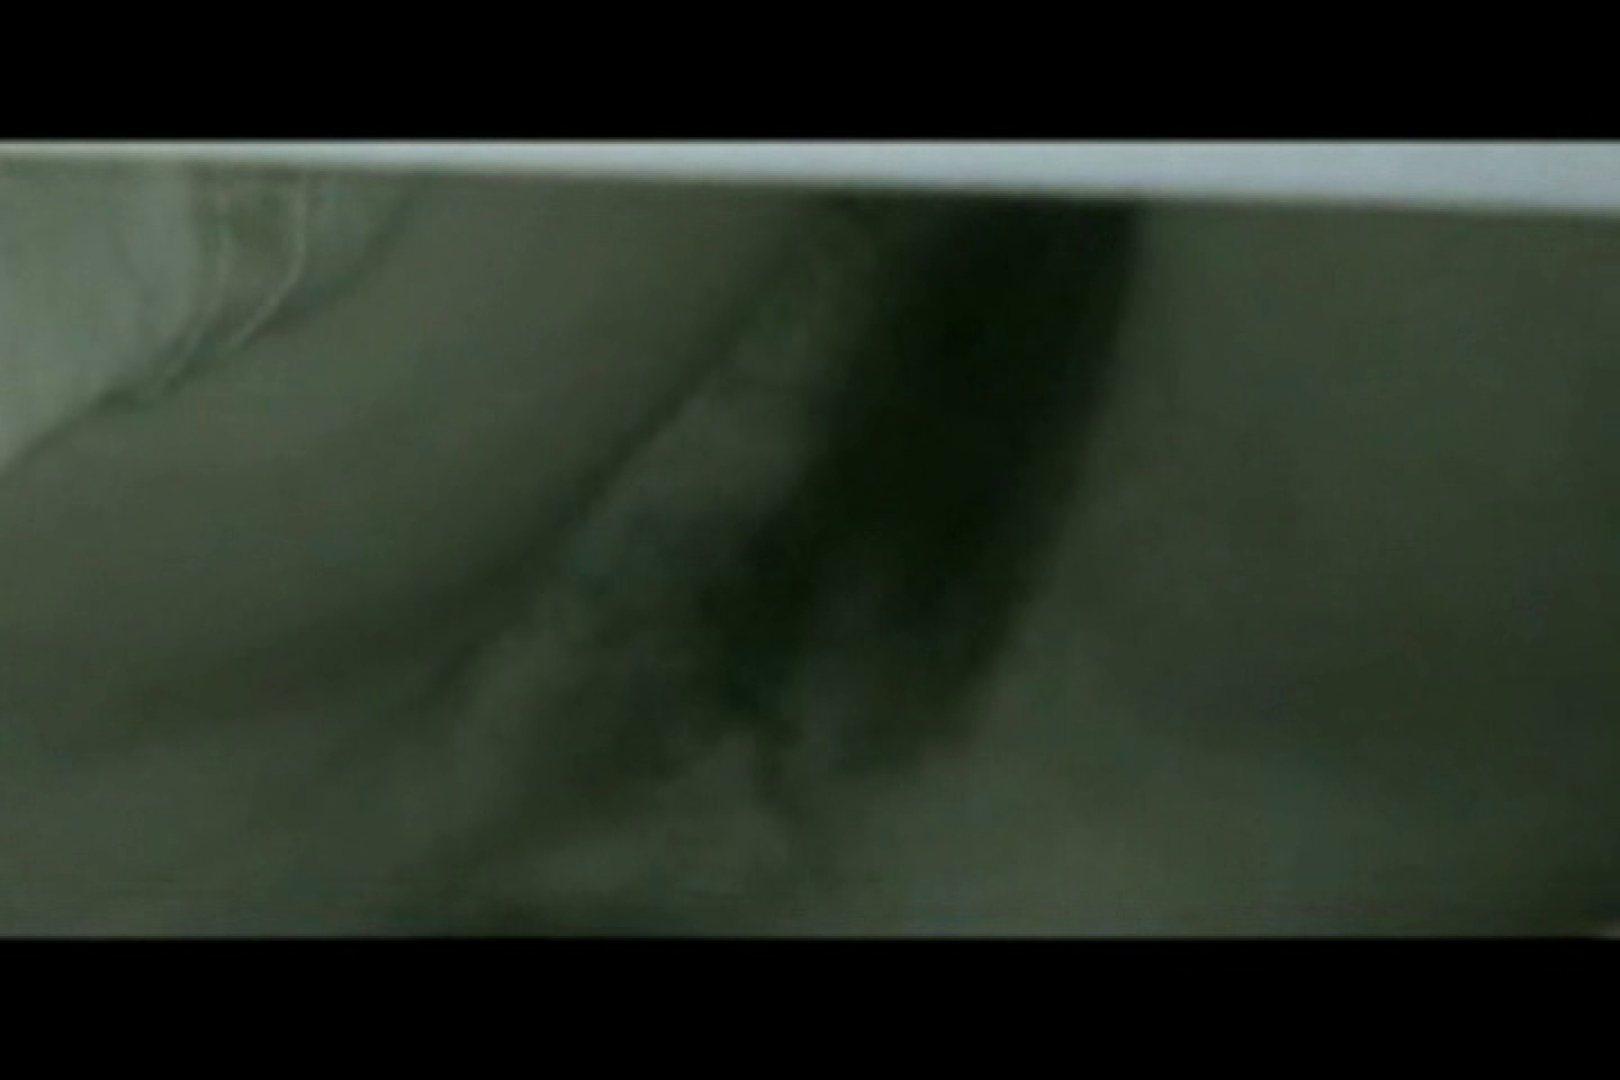 ぼっとん洗面所スペシャルVol.18 OLの実態 盗撮AV動画キャプチャ 22pic 20